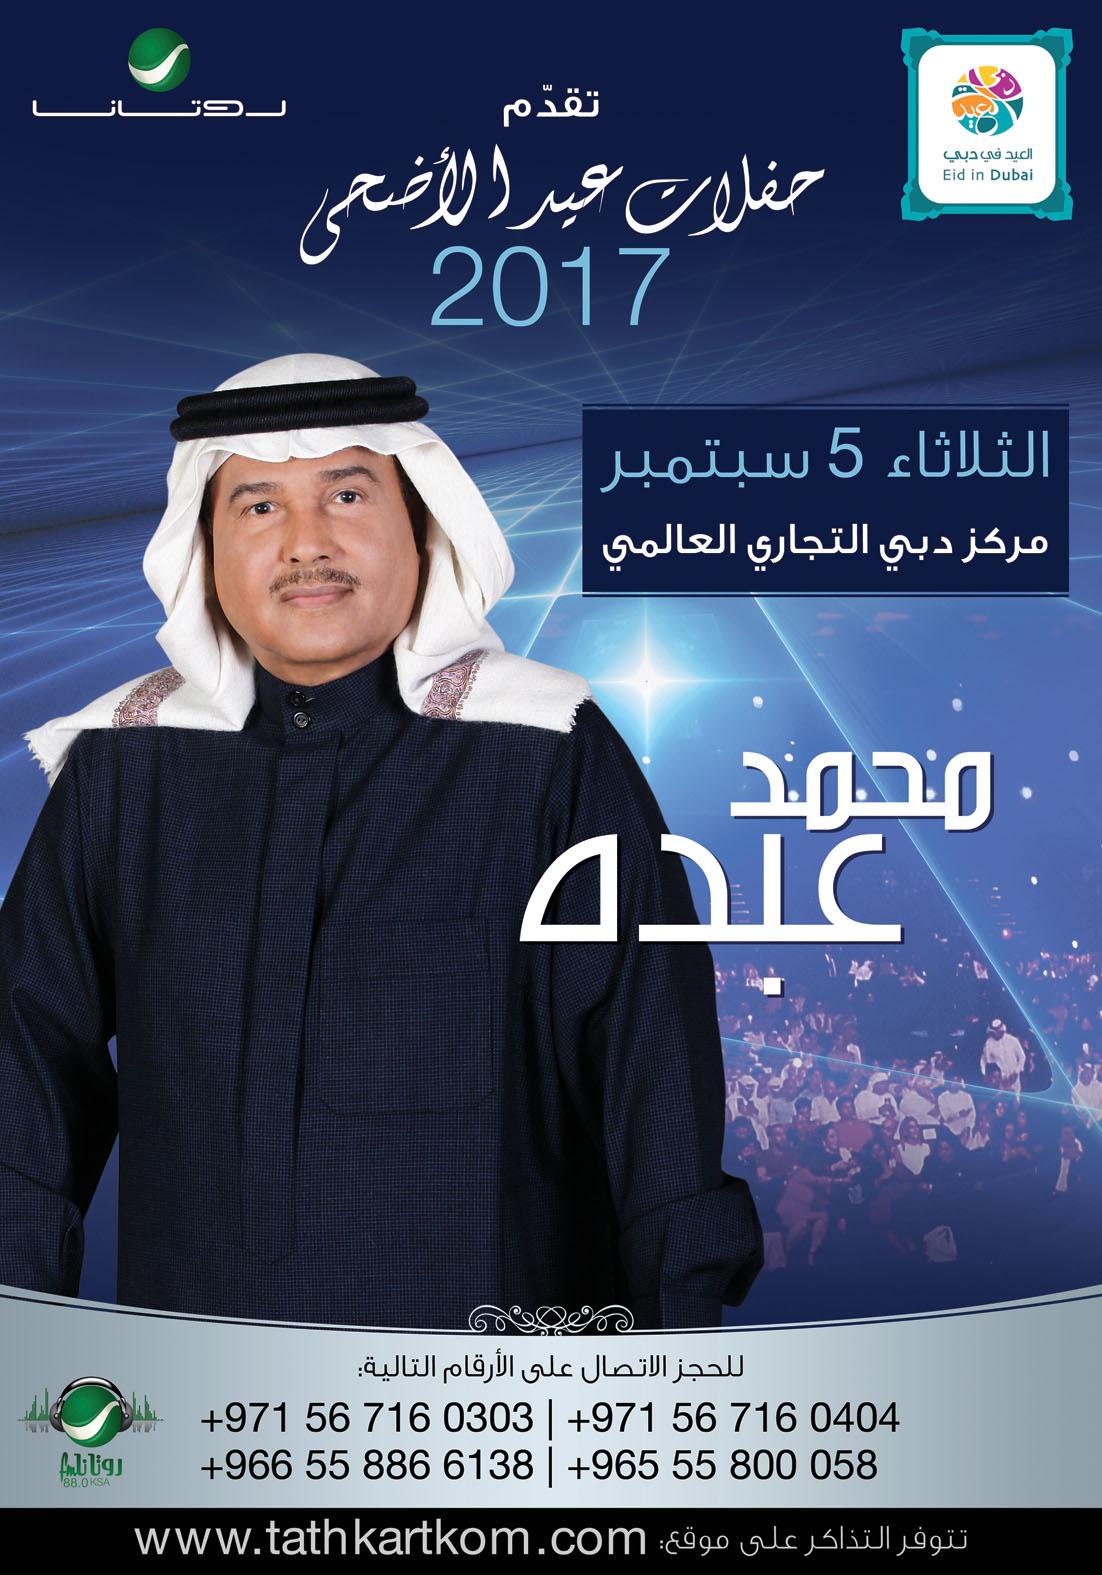 صورة محمد عبده كما بدا صيفه من دبي يعود اليها ليعايد جمهوره